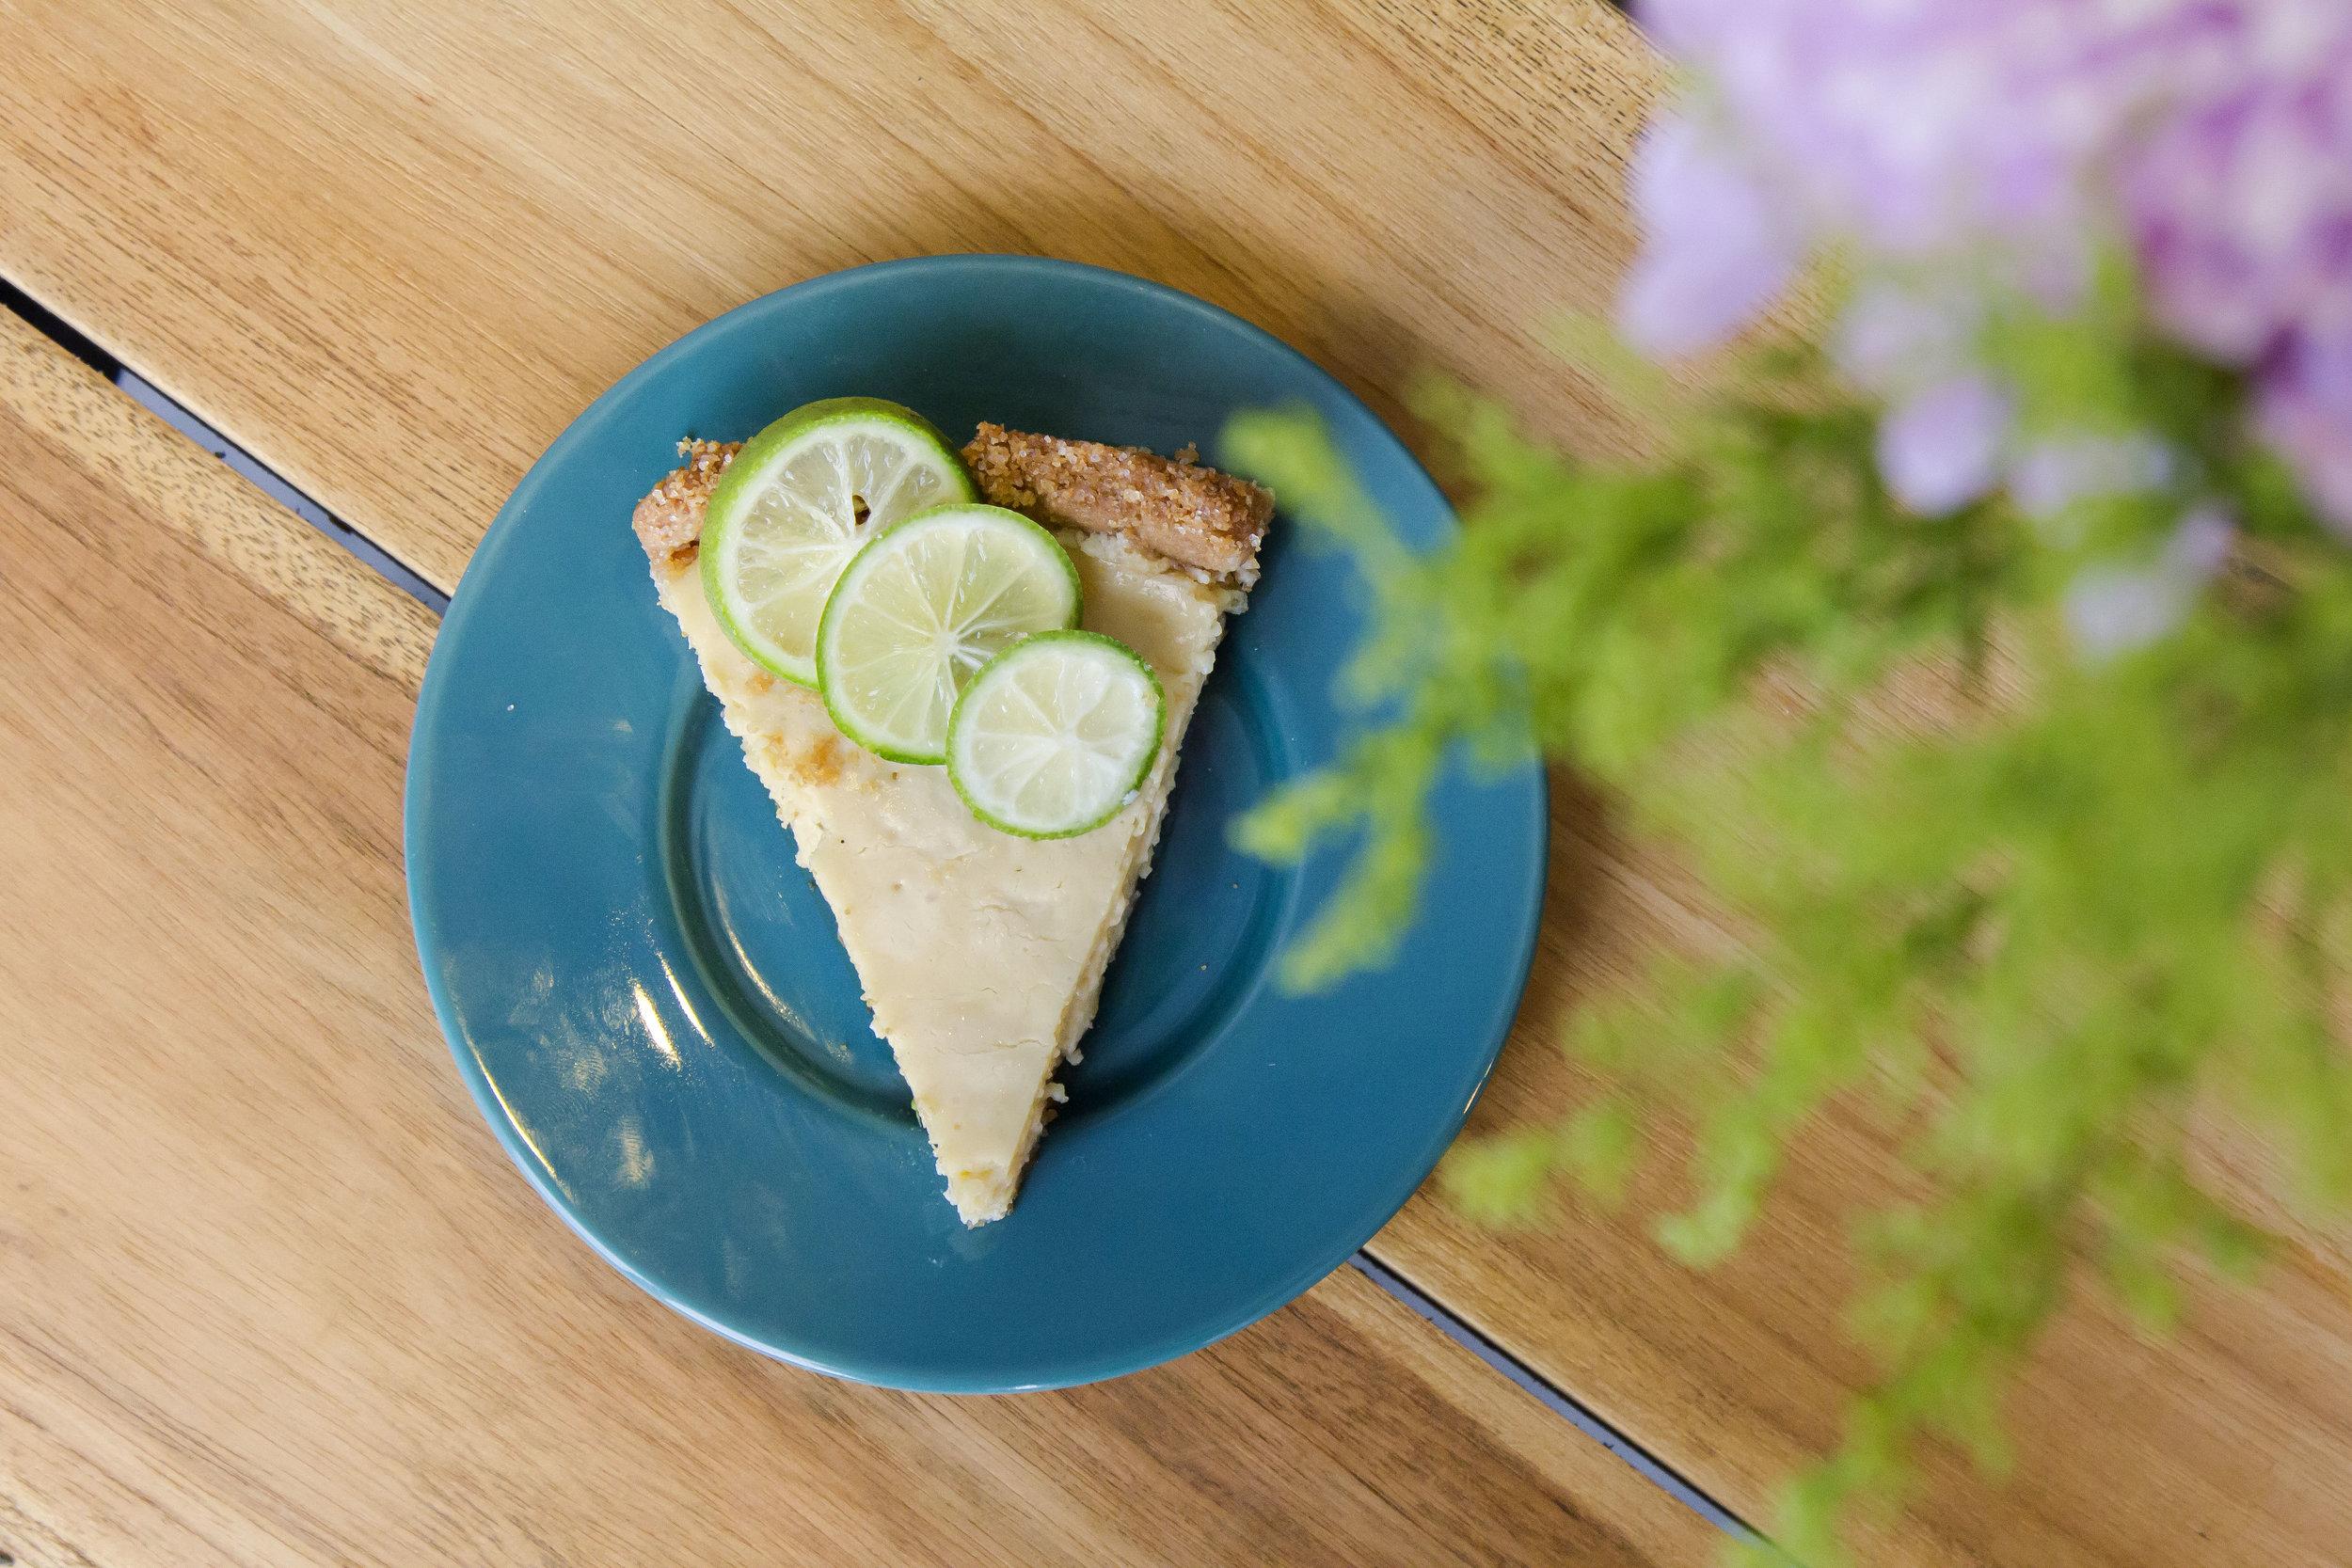 Key Lime Pie |55 (pcs) / 360 (whole pie)